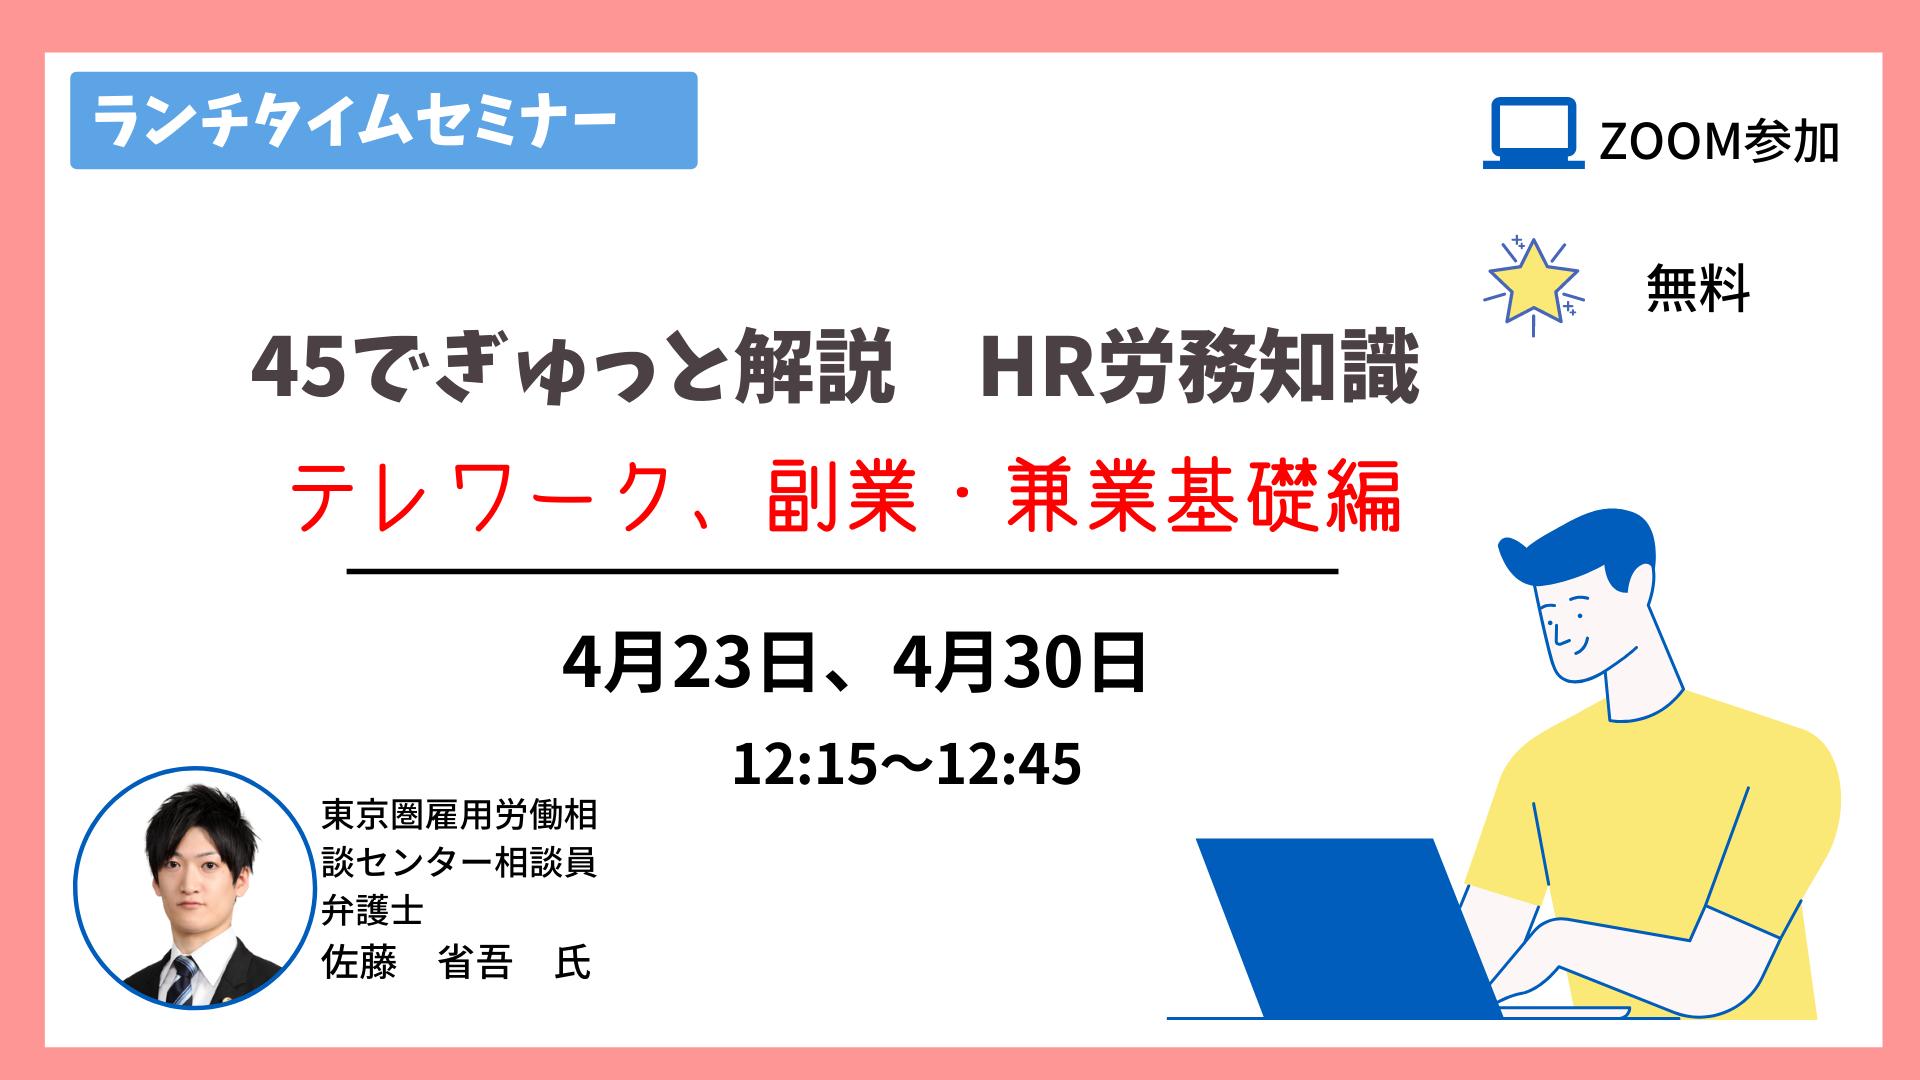 【オンラインセミナー】45分でぎゅっと解説!人材労務知識~テレワーク、副業・兼業基礎編~